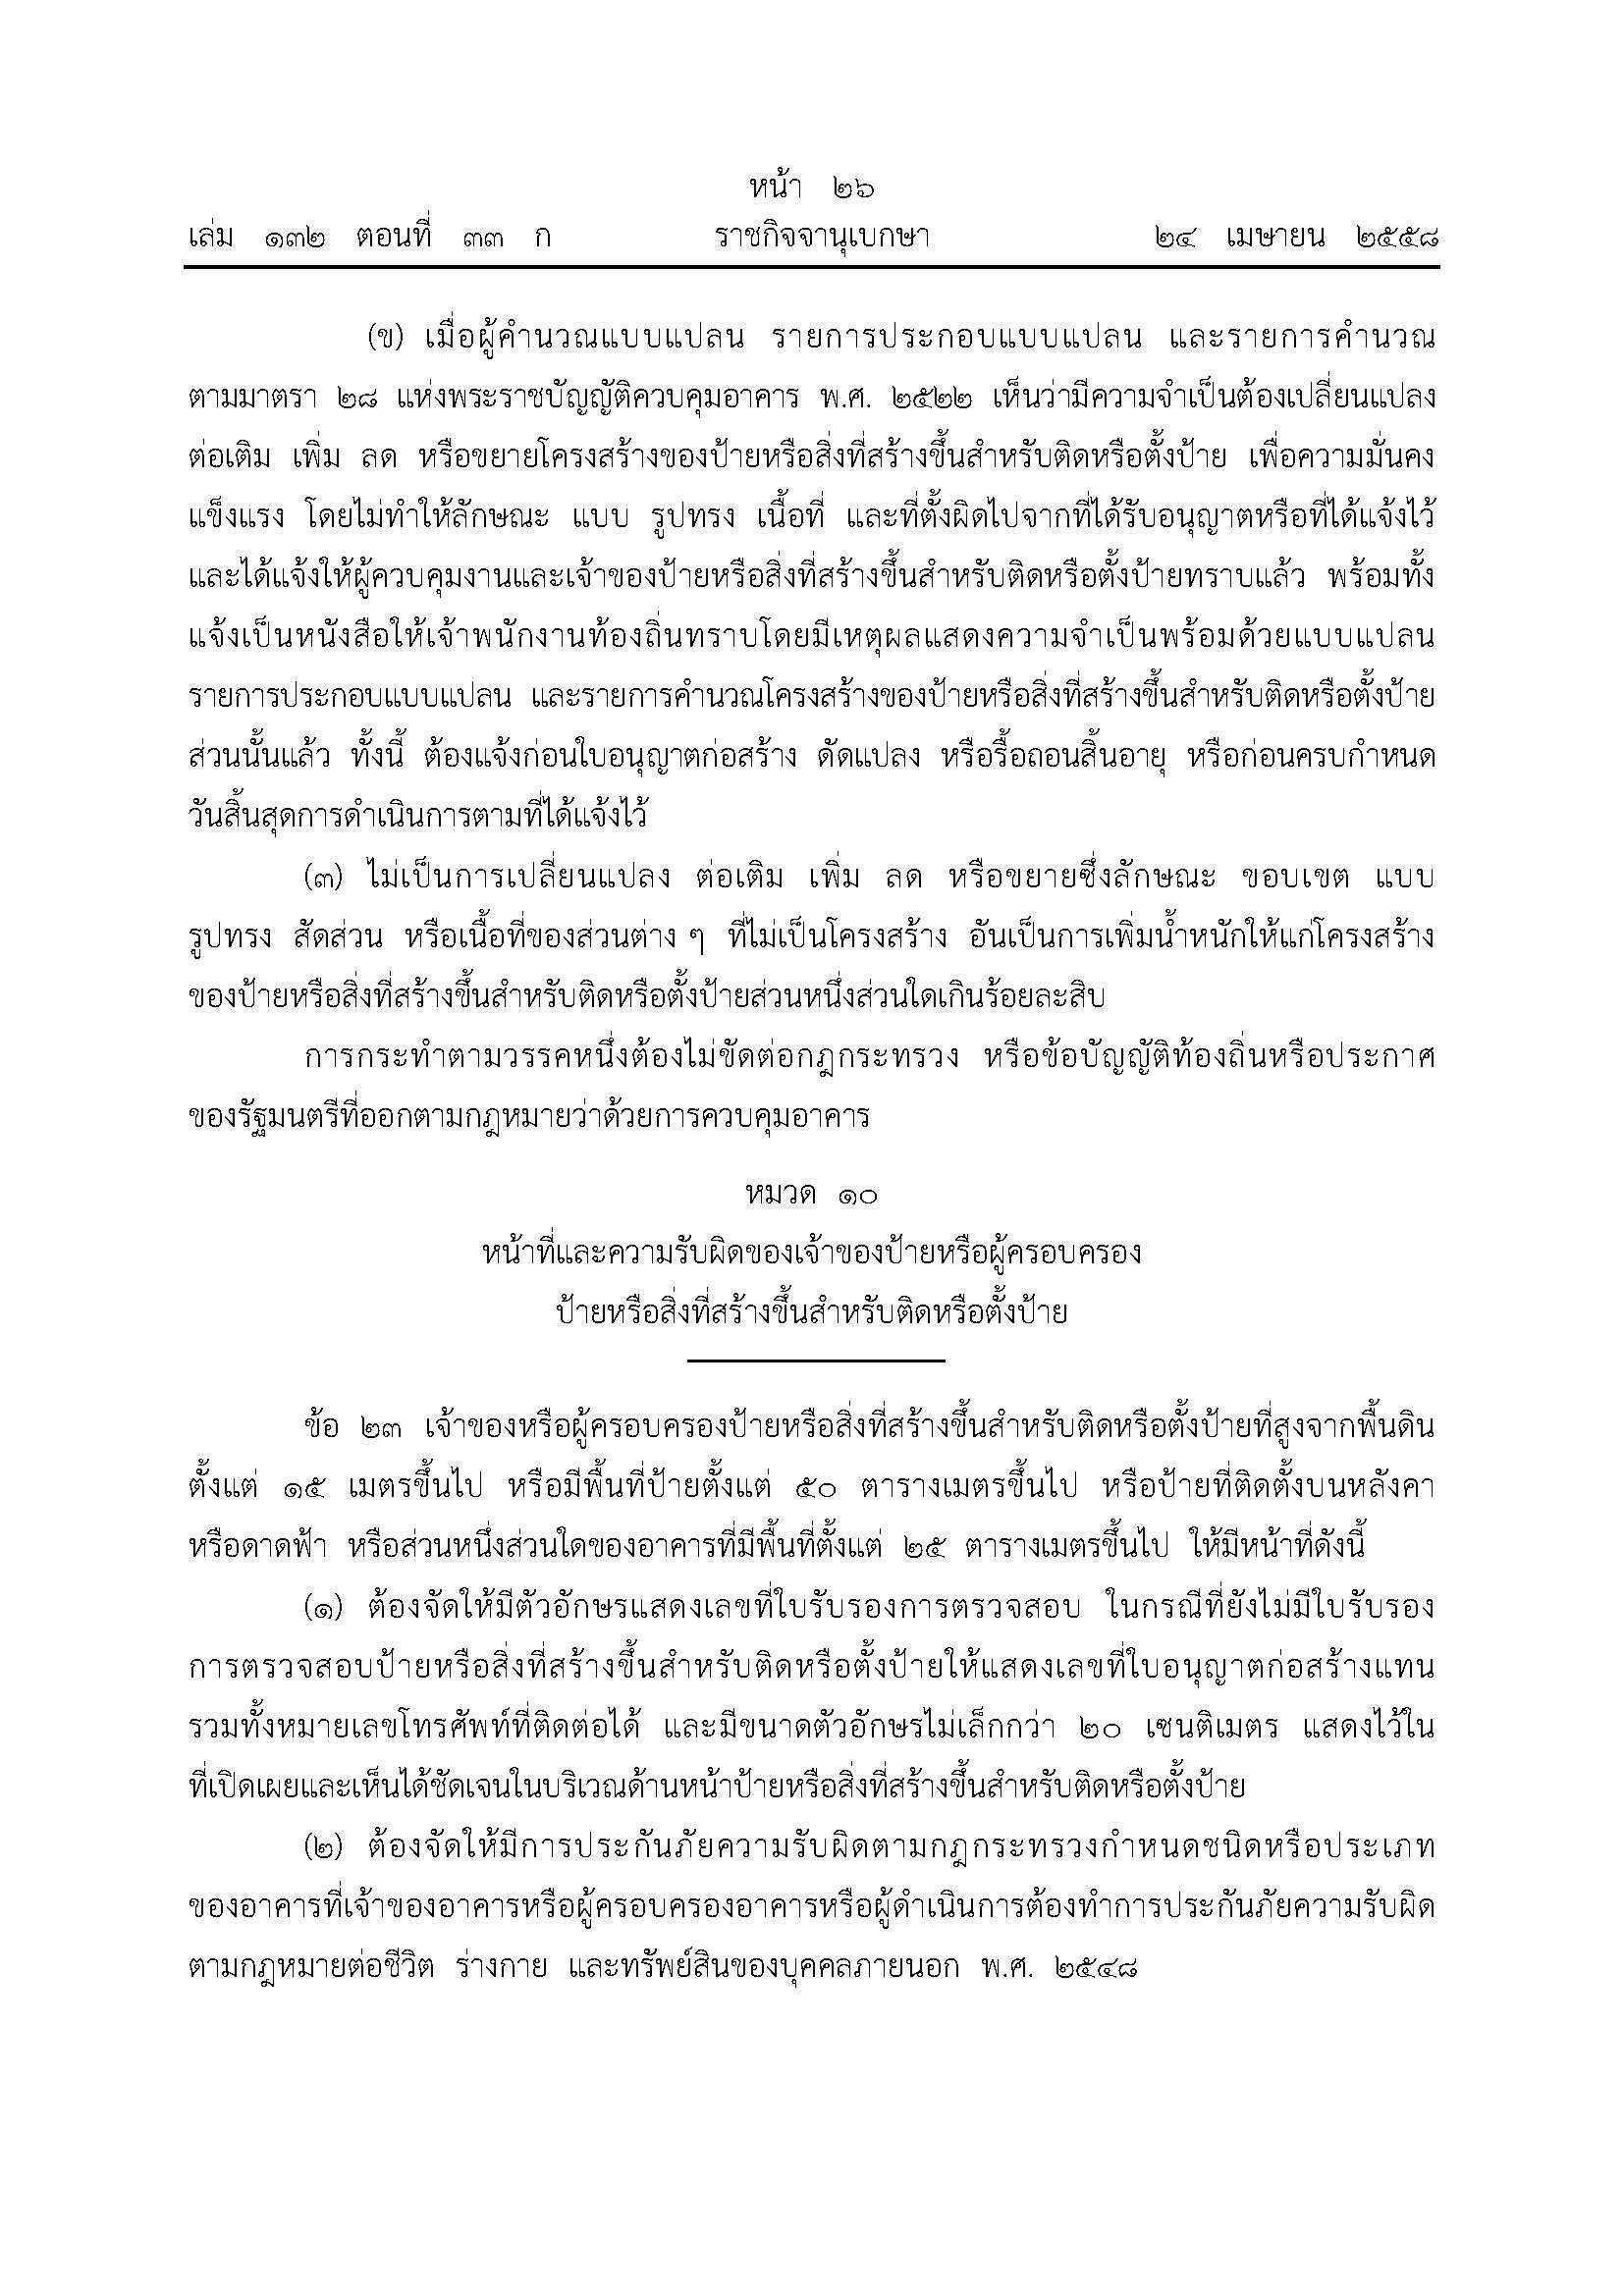 กฎกระทรวง 2558_Page_08